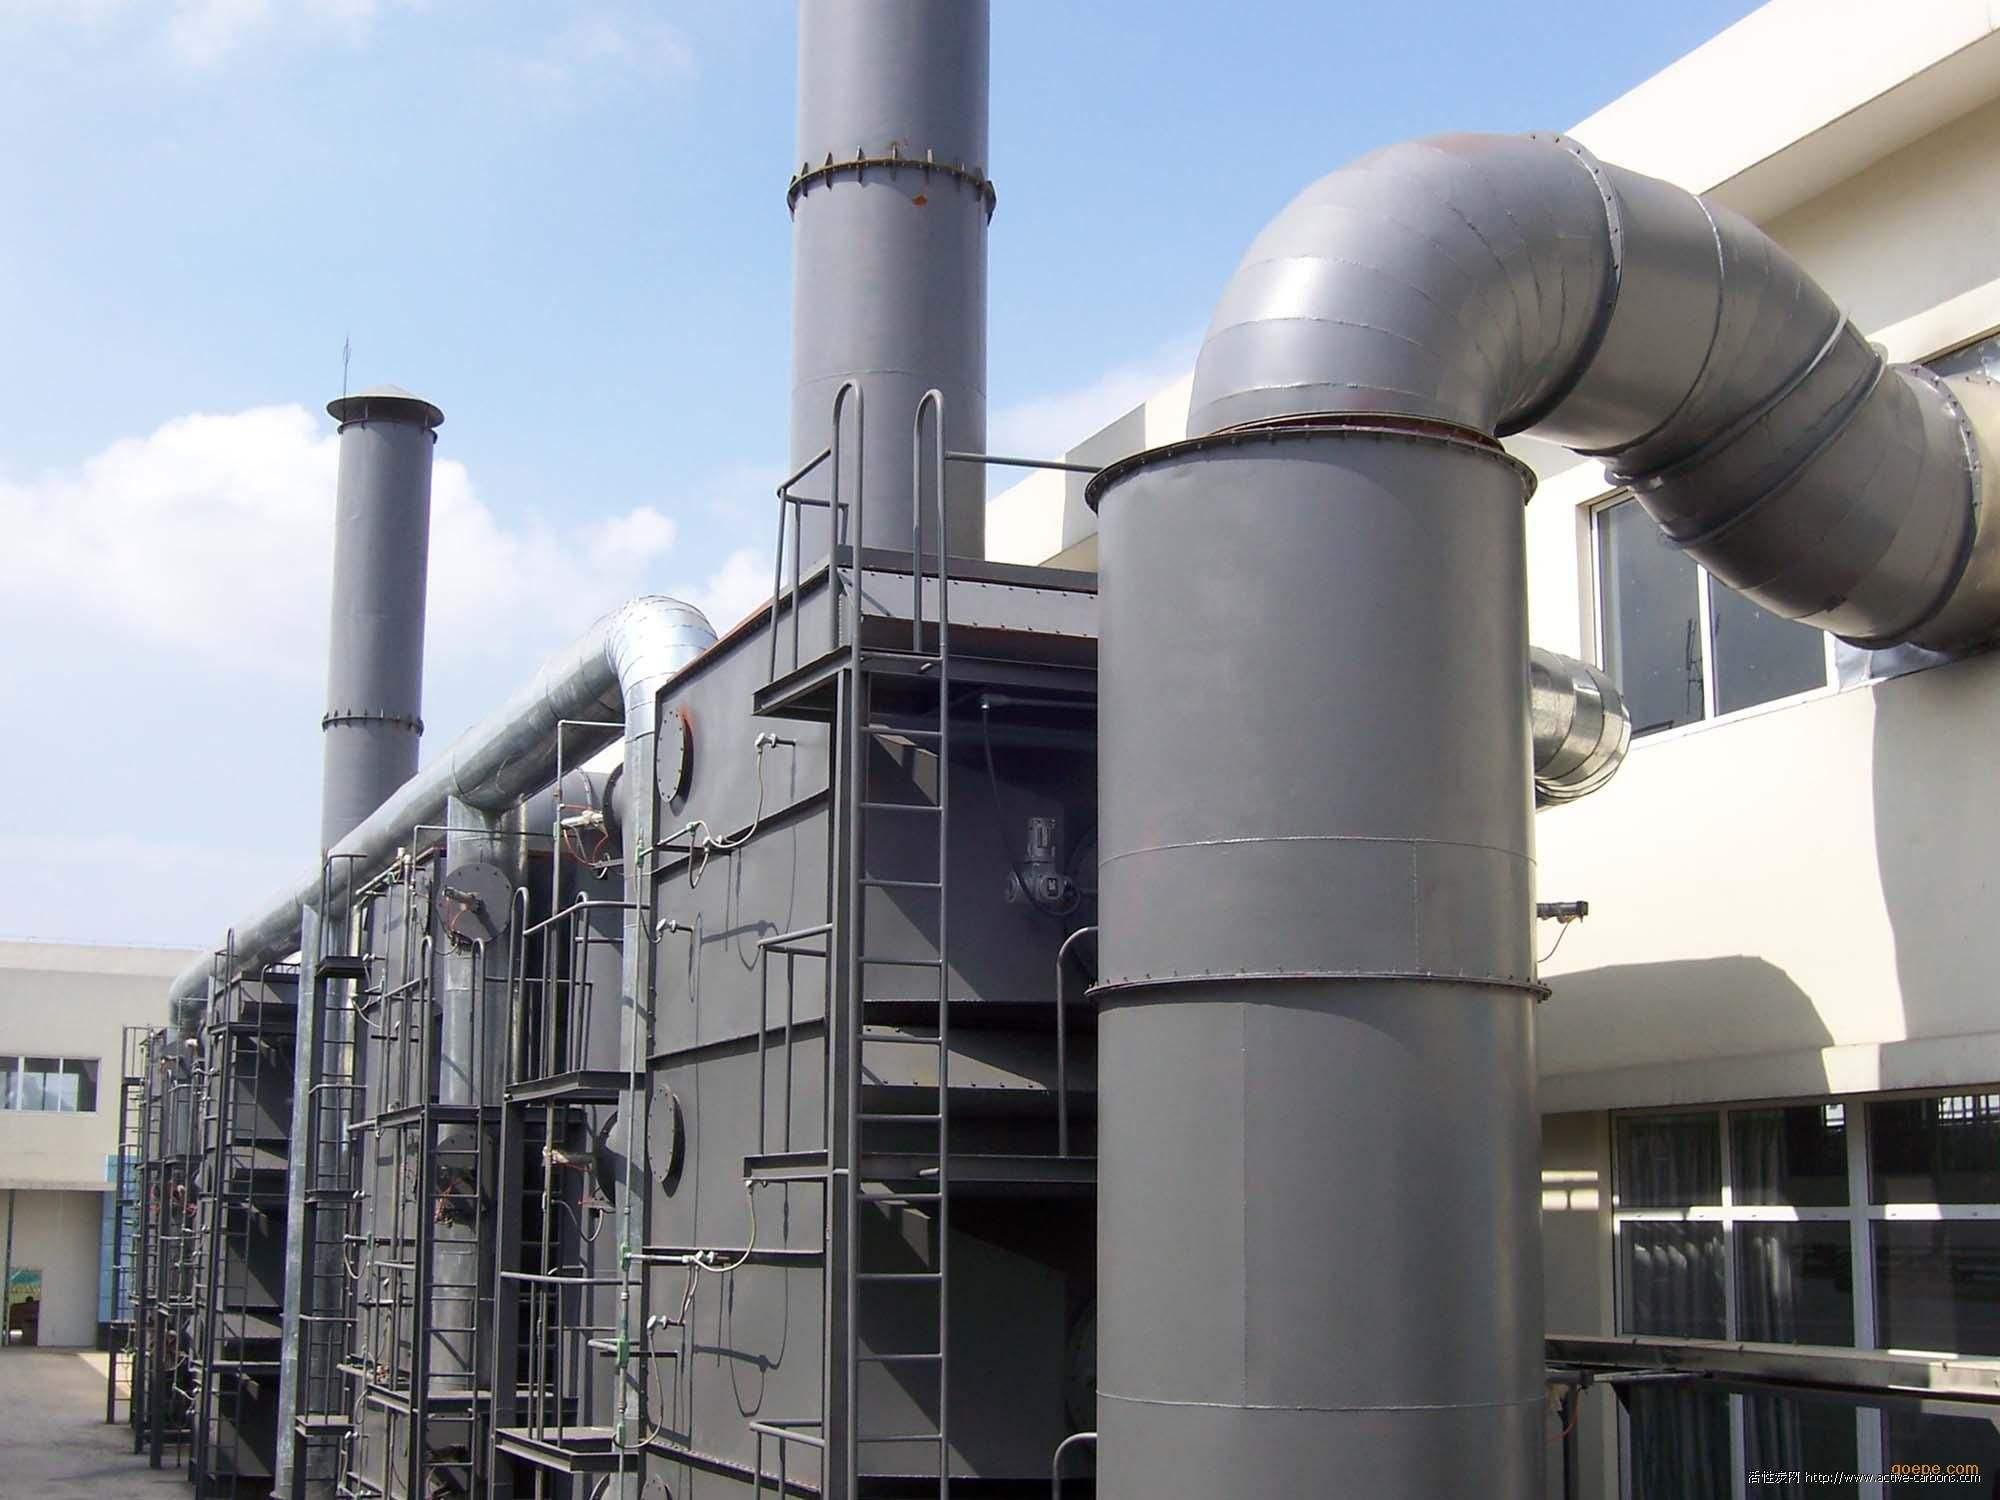 活性炭是一种主要由含碳材料制成的外观呈黑色,内部空隙结构发达、比表面积大、吸附能力强的一类微晶质碳素材料。